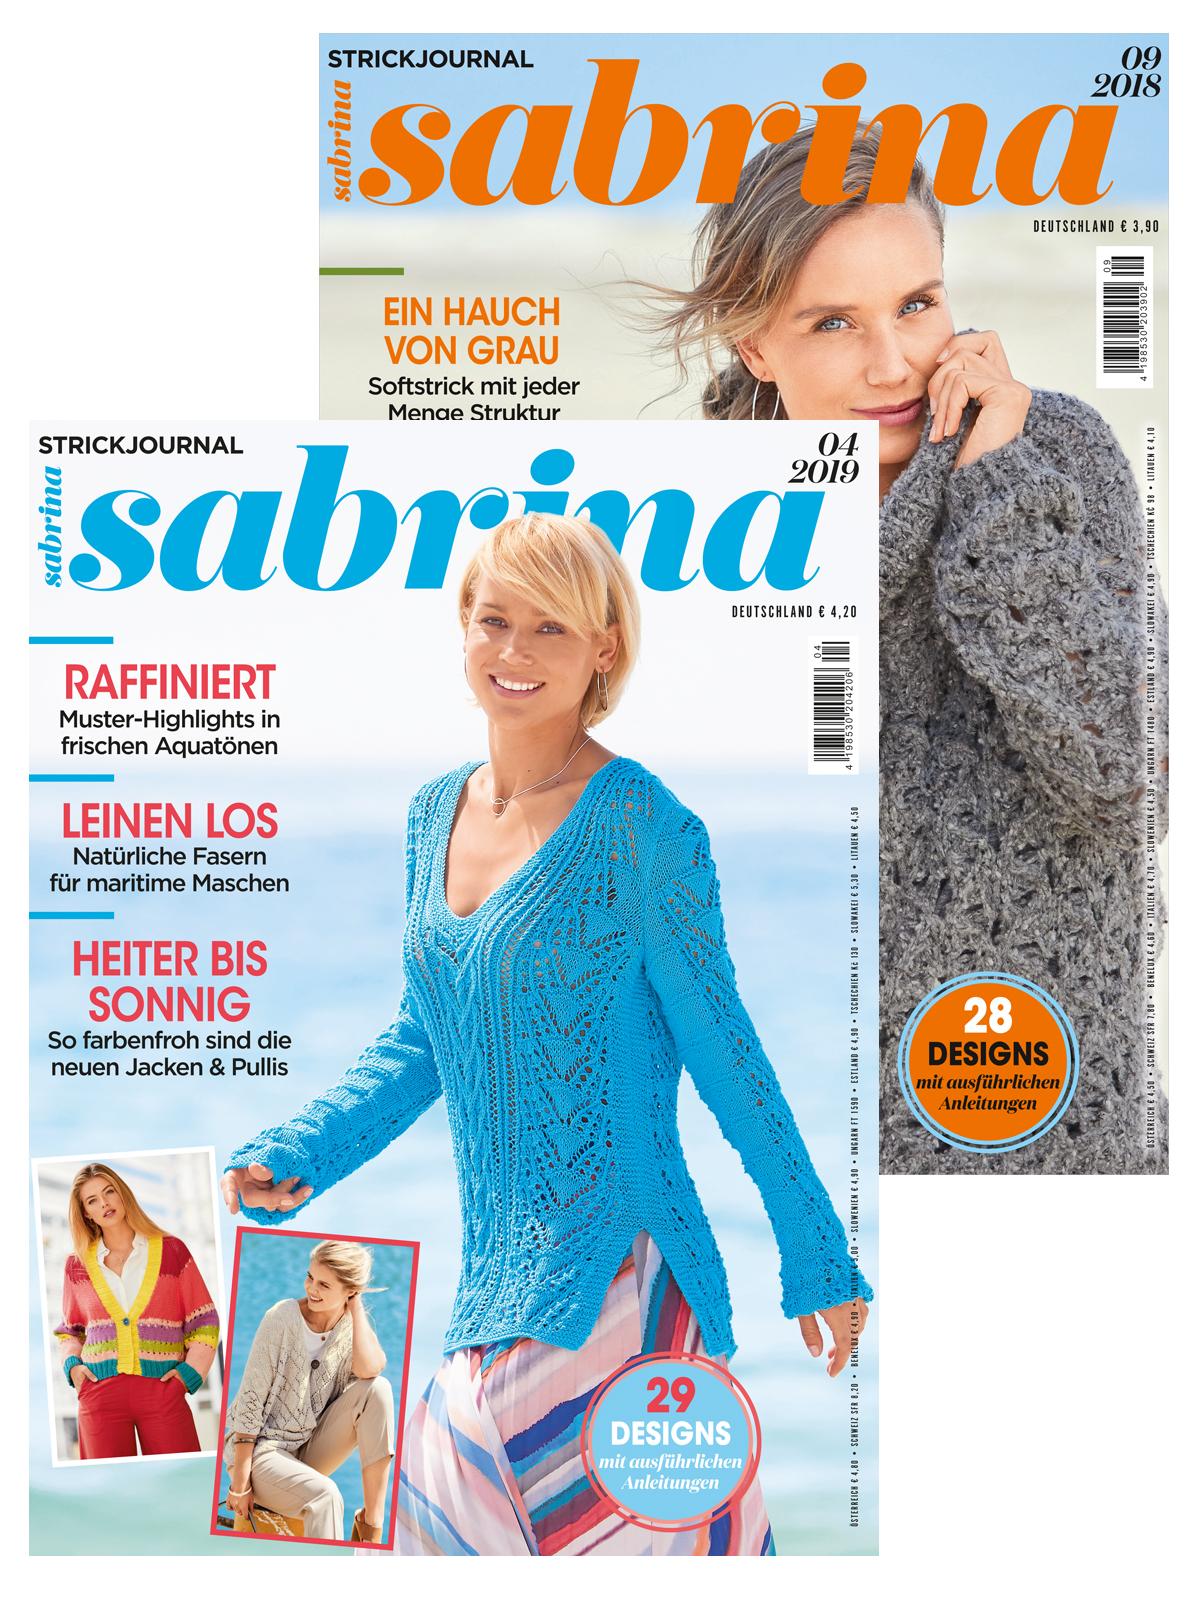 Zwei Zeitschriften im Doppelpack! Sabrina Nr. 09/2018 und 04/2019